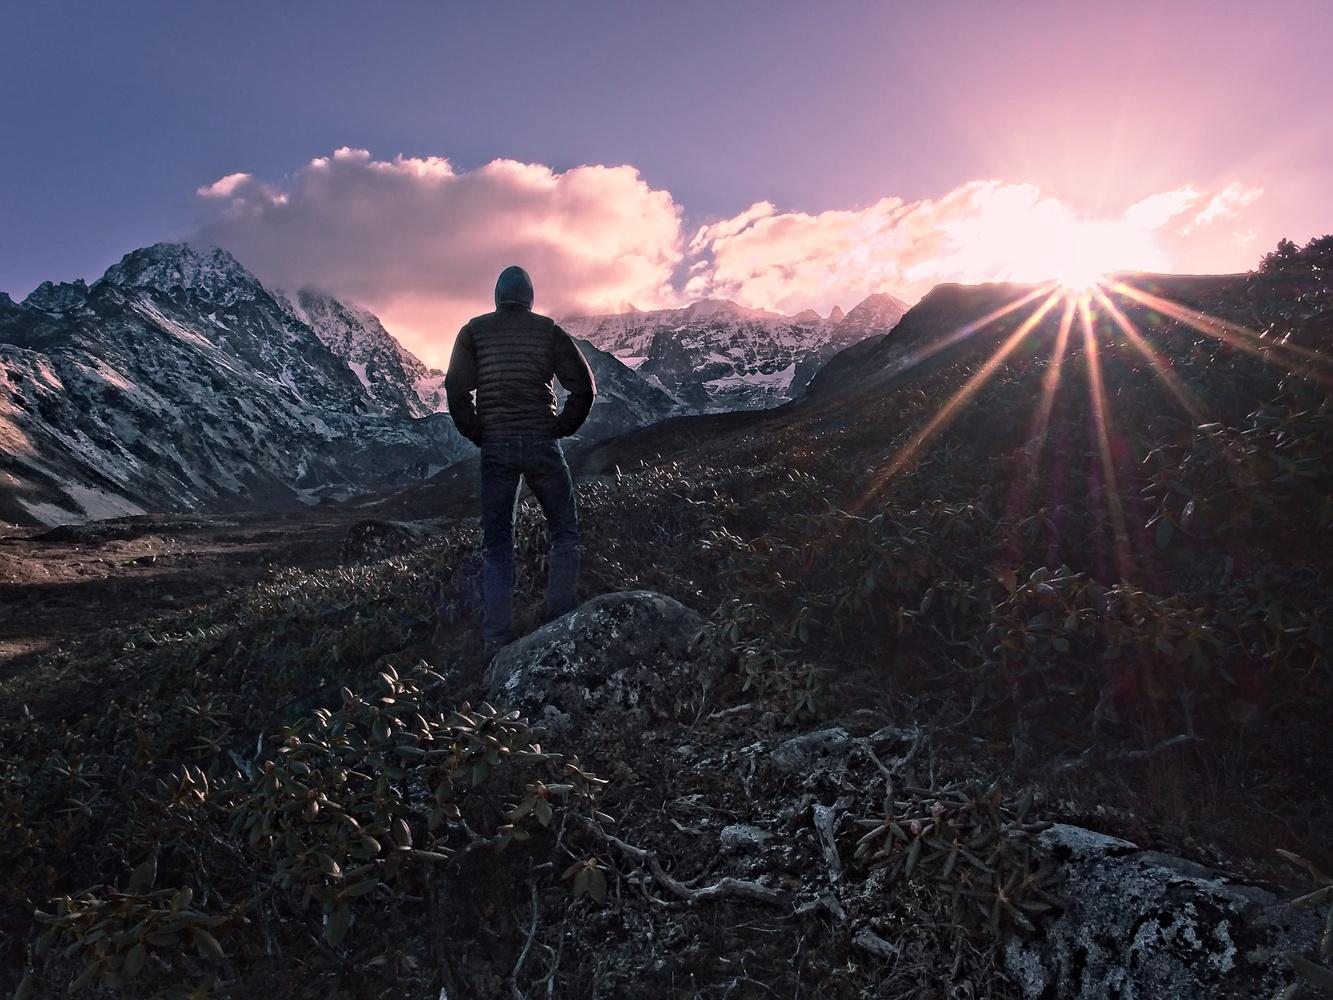 Himalayan Sunrise by Ira Jacob